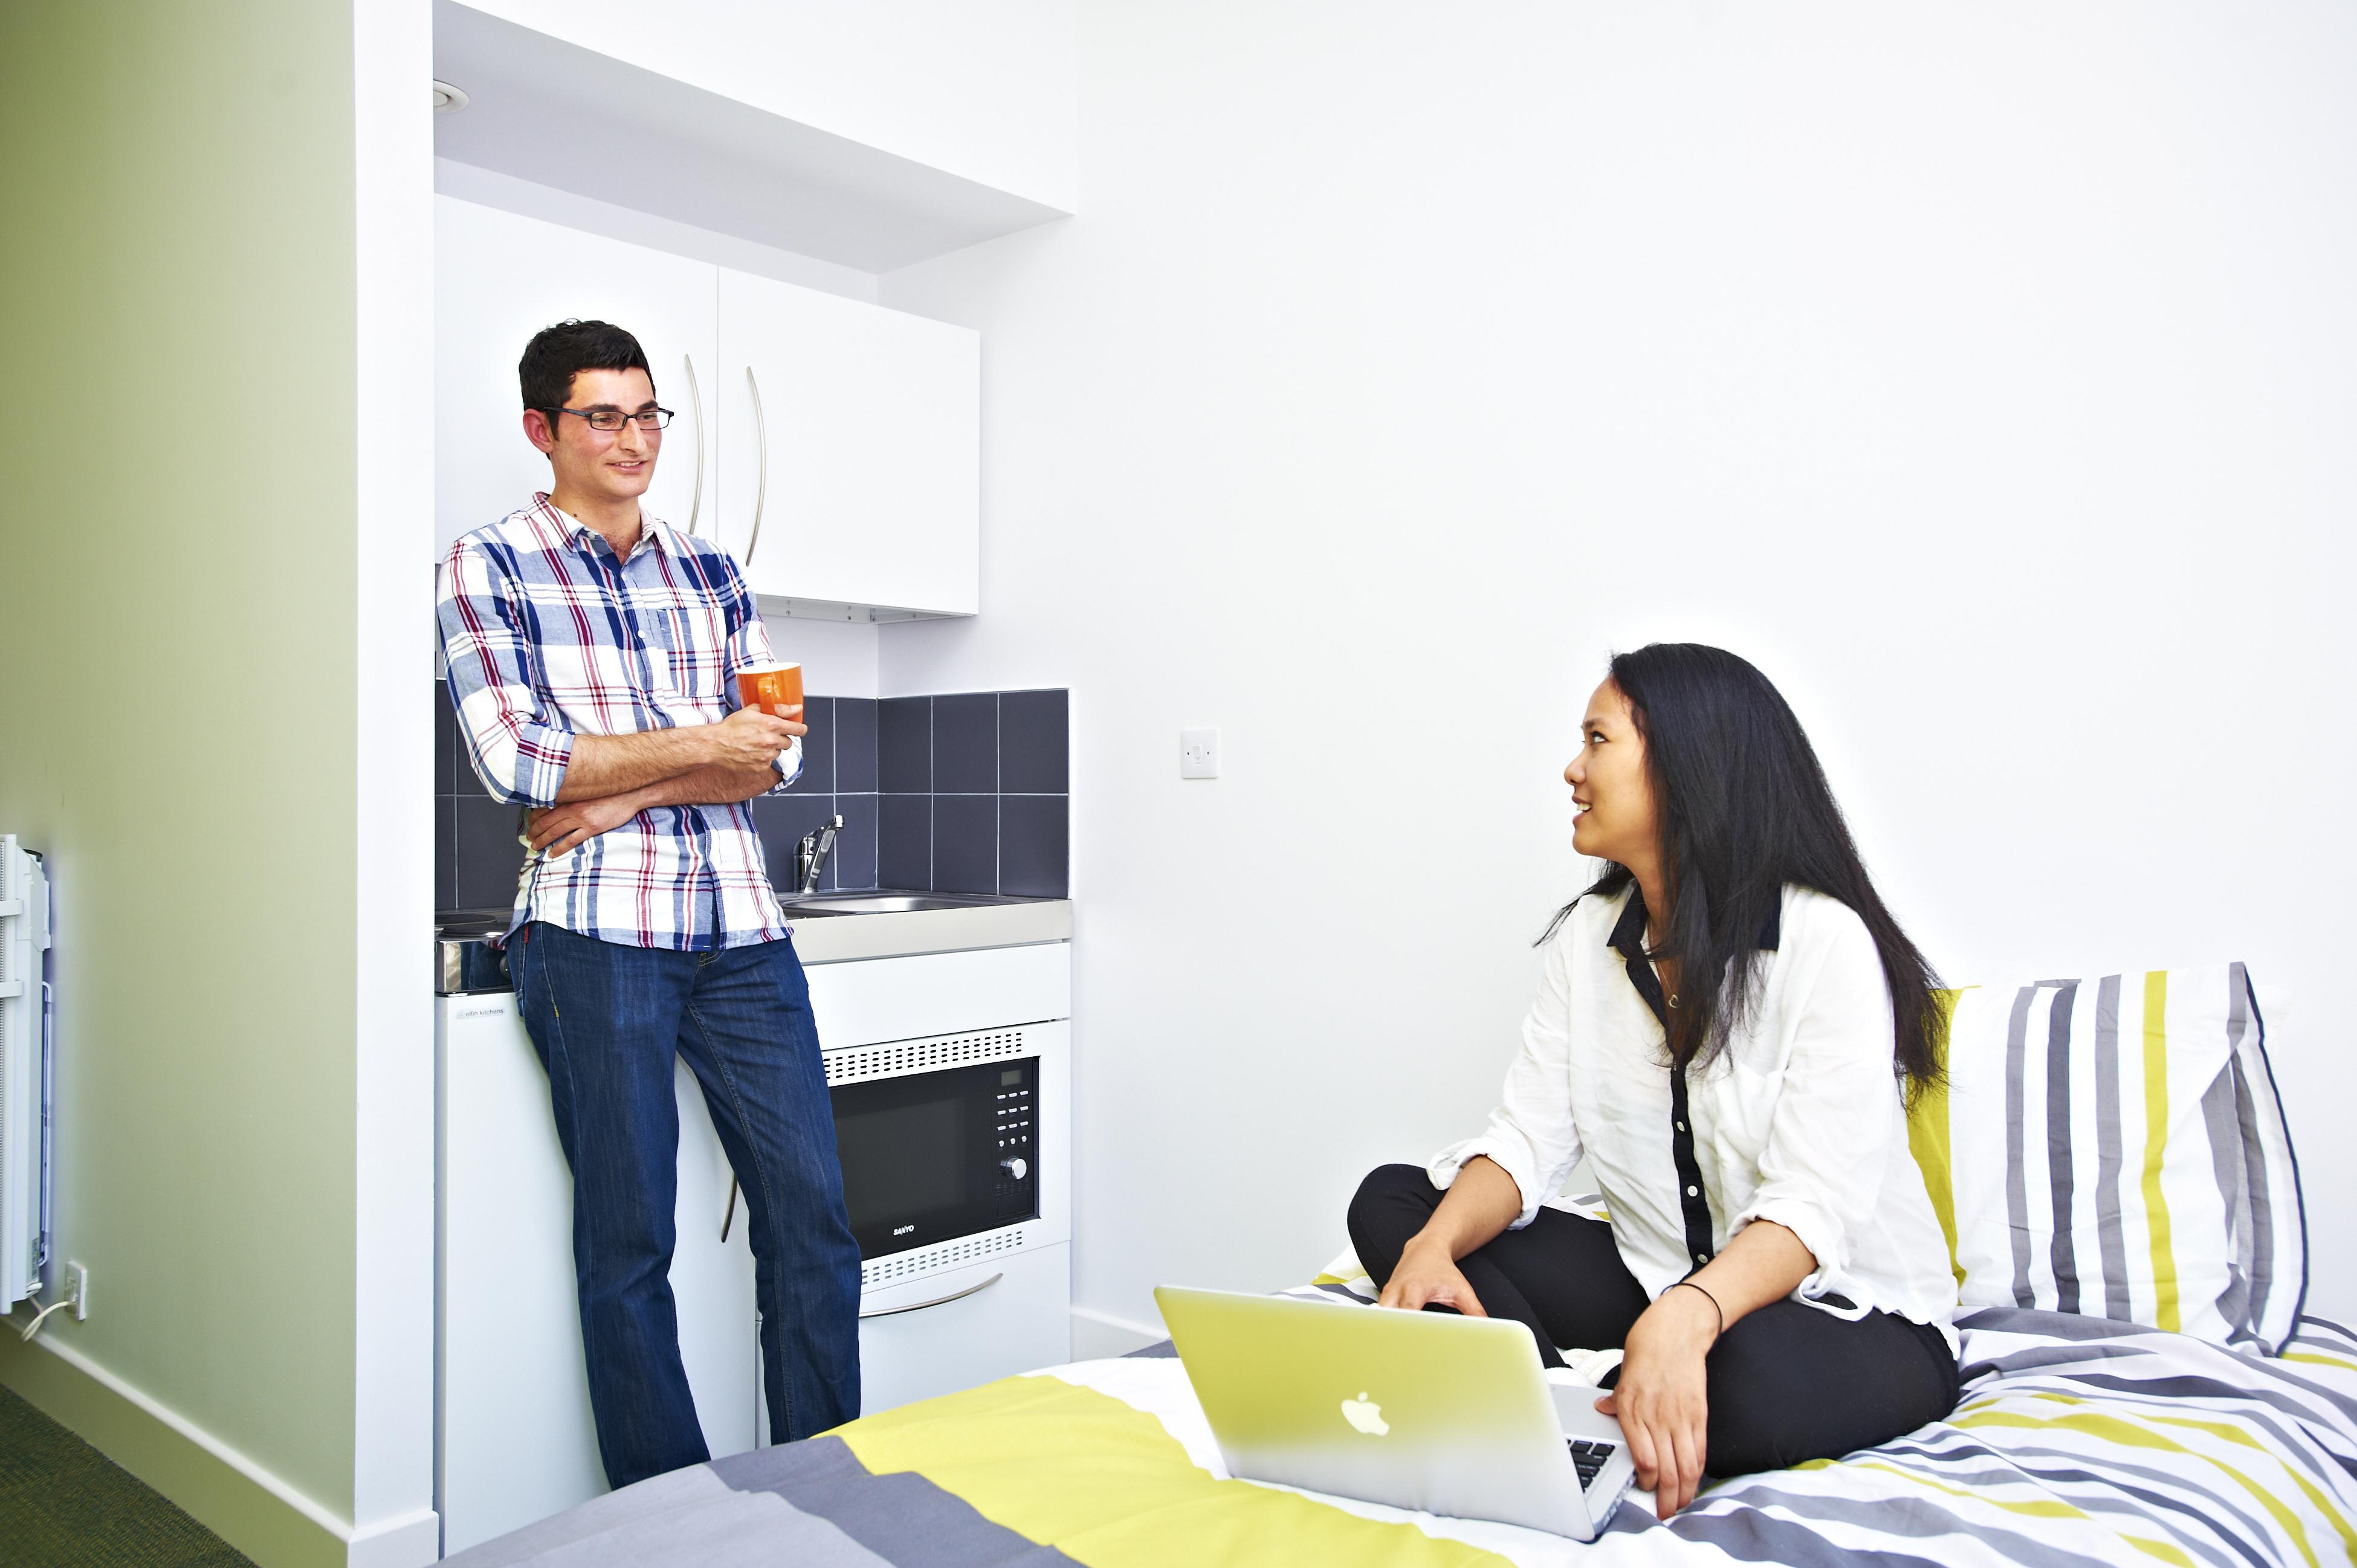 الطلاب الدوليين في استوديو مفرد ضمن سكن طلاب مركز INTO جامعة نيوكاسل